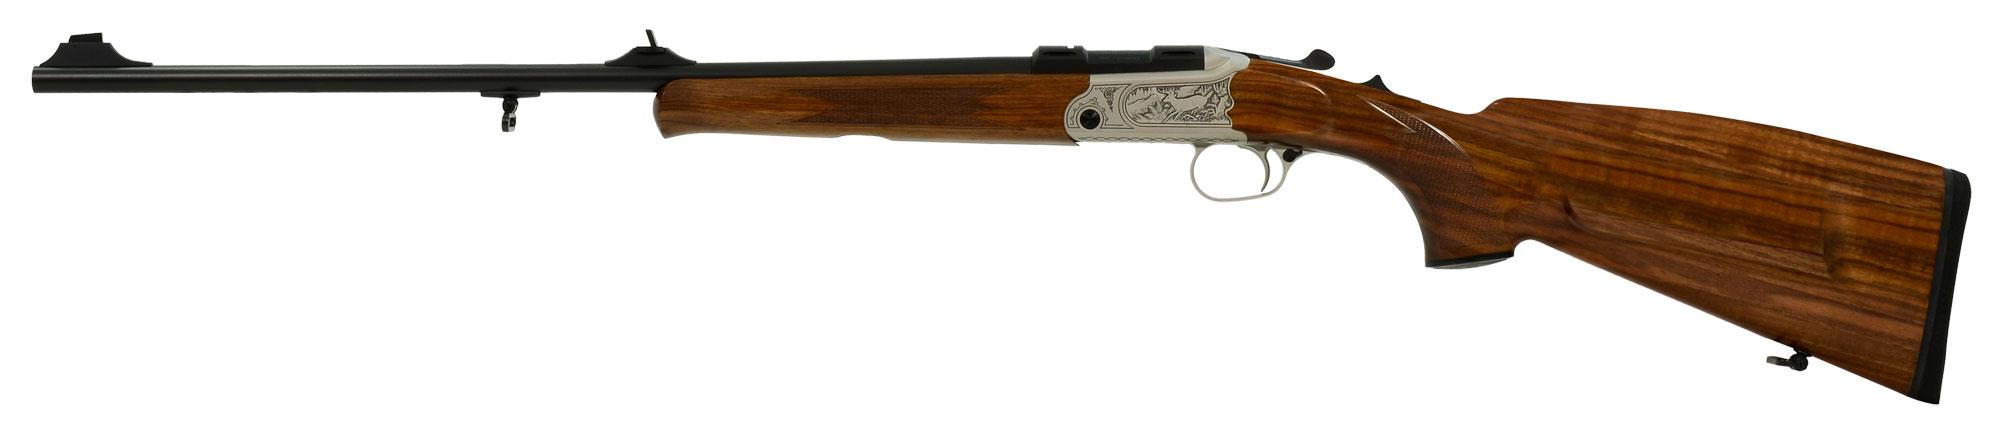 Merkel K3 Jagd 3006 Springfield Single Shot Rifle K3-Jagd-3006